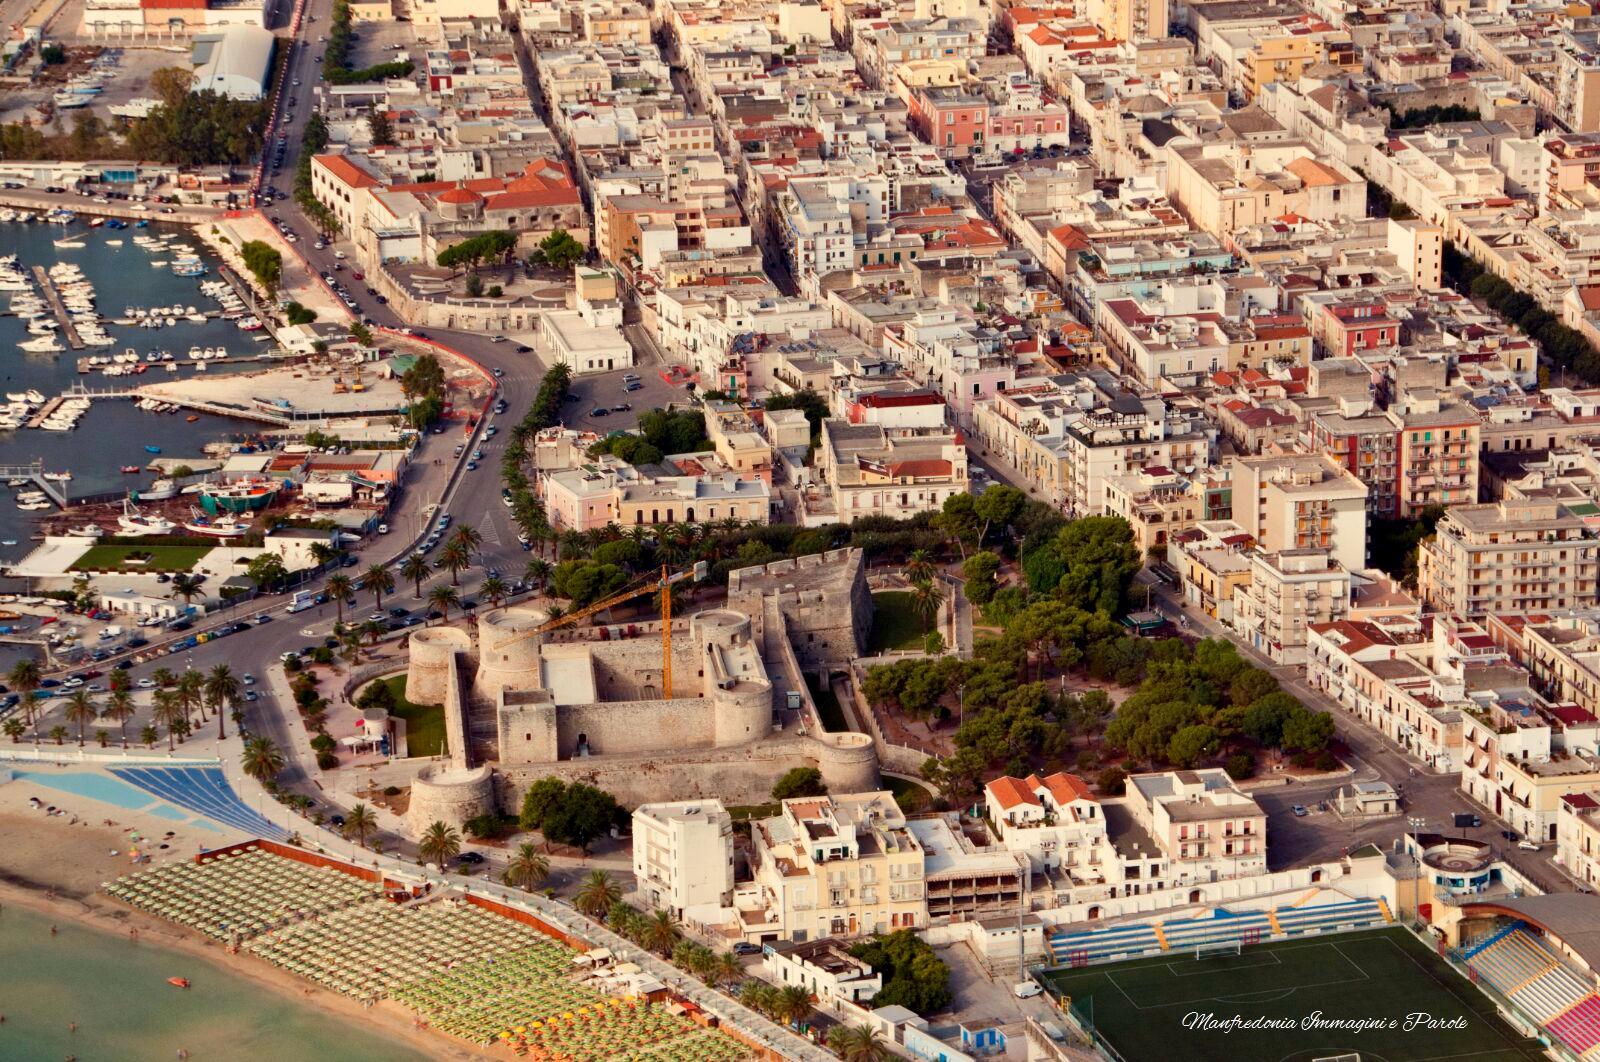 Manfredonia, Il saccheggio del Centro storico. Si inizia un?altra storia